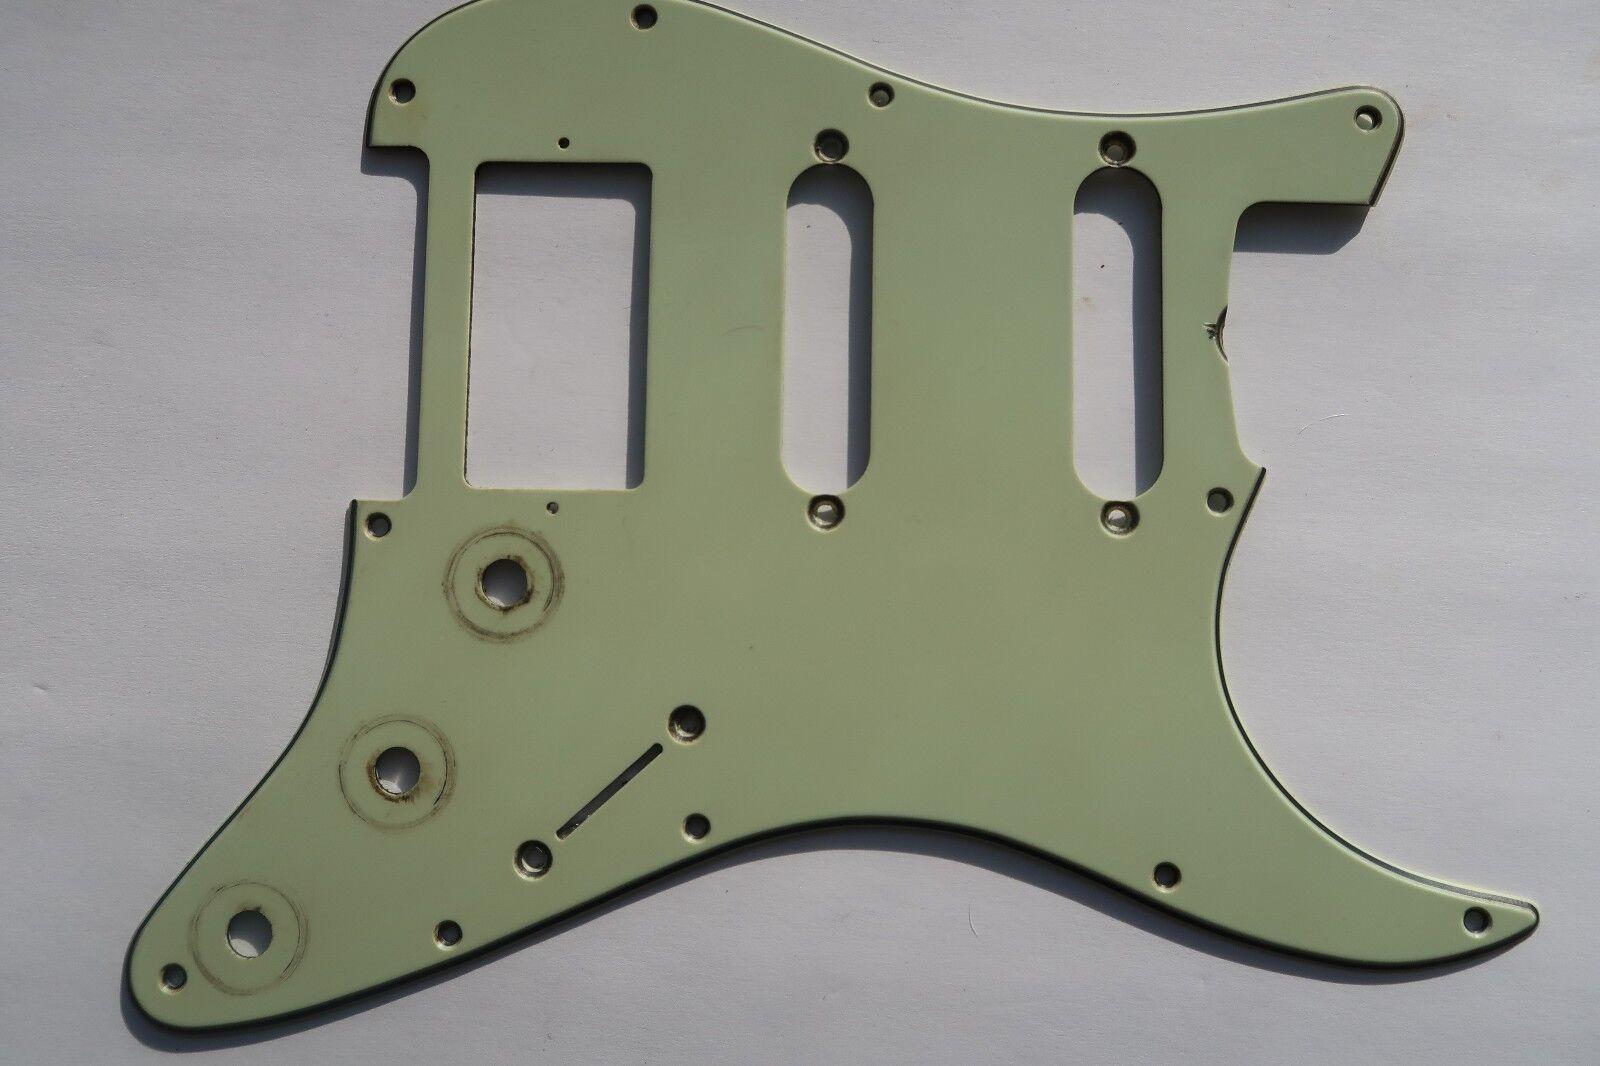 '63 '71 Fender Stratocaster Pickguard SSH Humbucker Mint Grün 66 67 68 70 HB